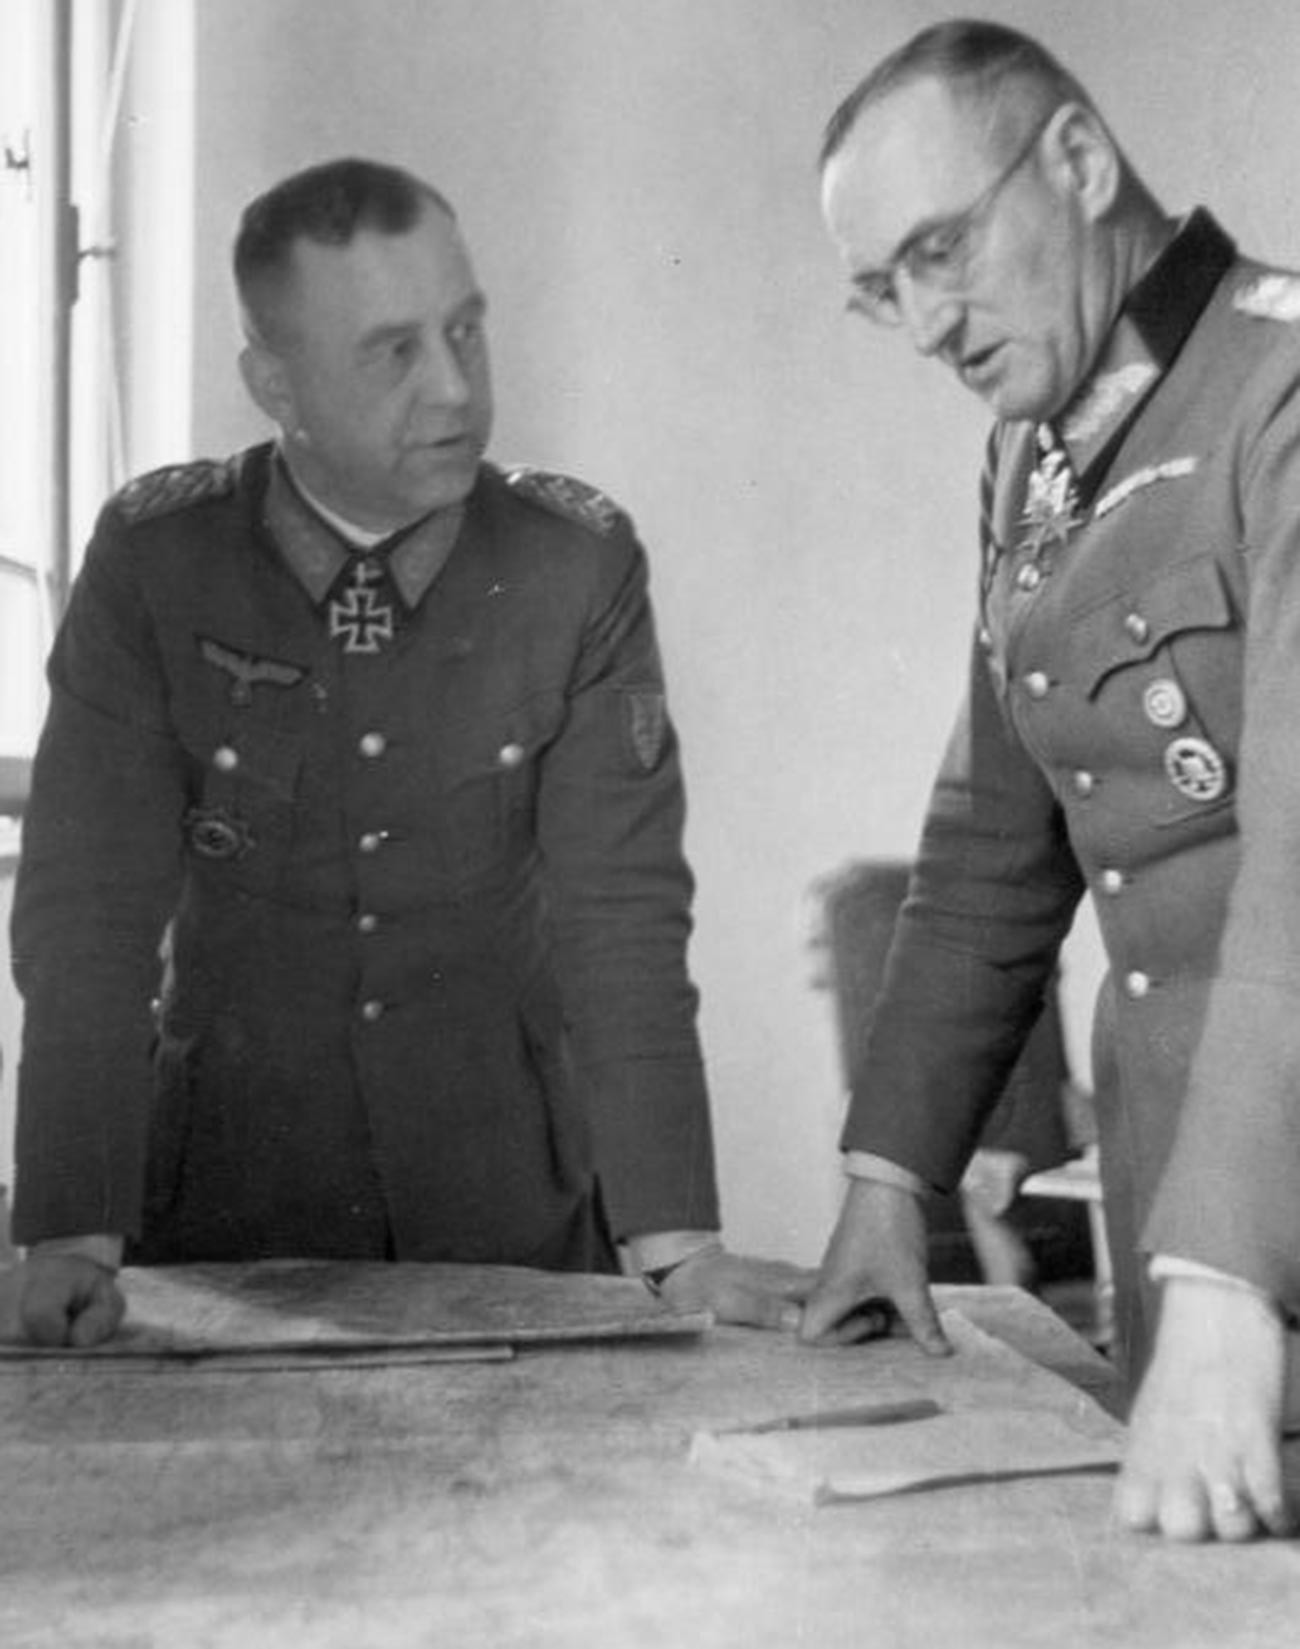 Ото Велер (лево) и Фердинанд Шернер, 1944 година.